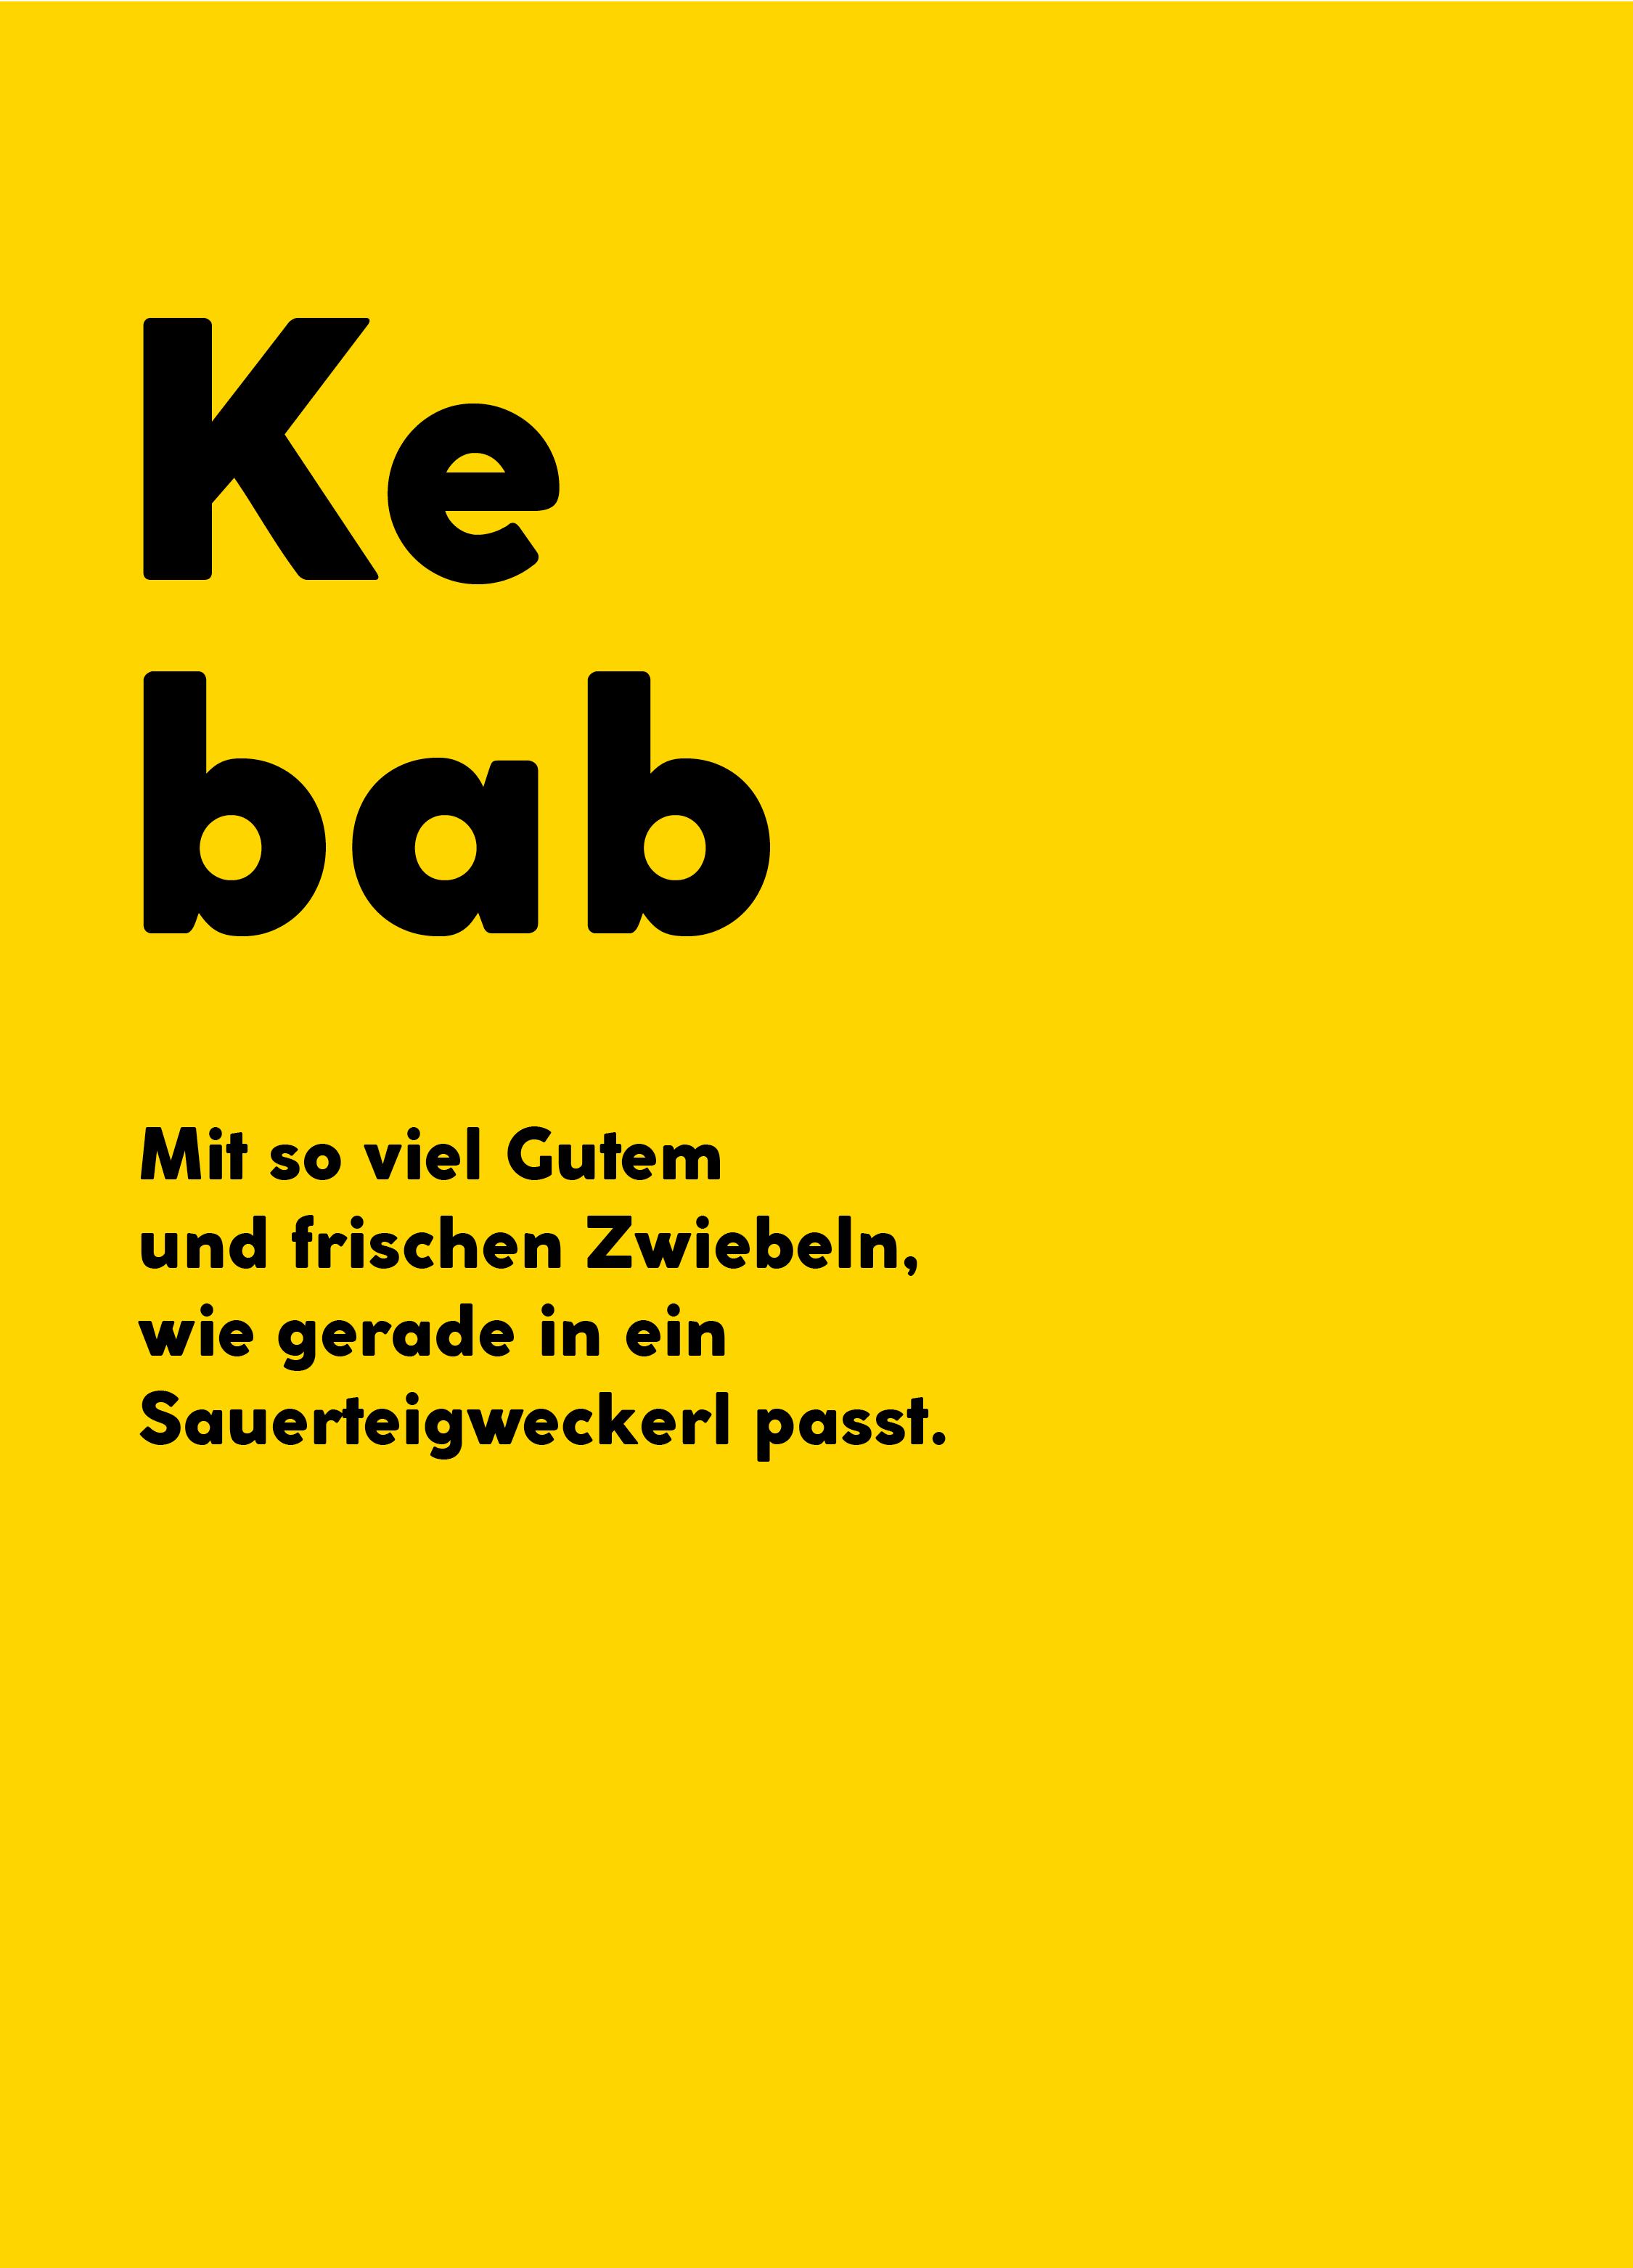 Ref Fernruf7 15 Kebab